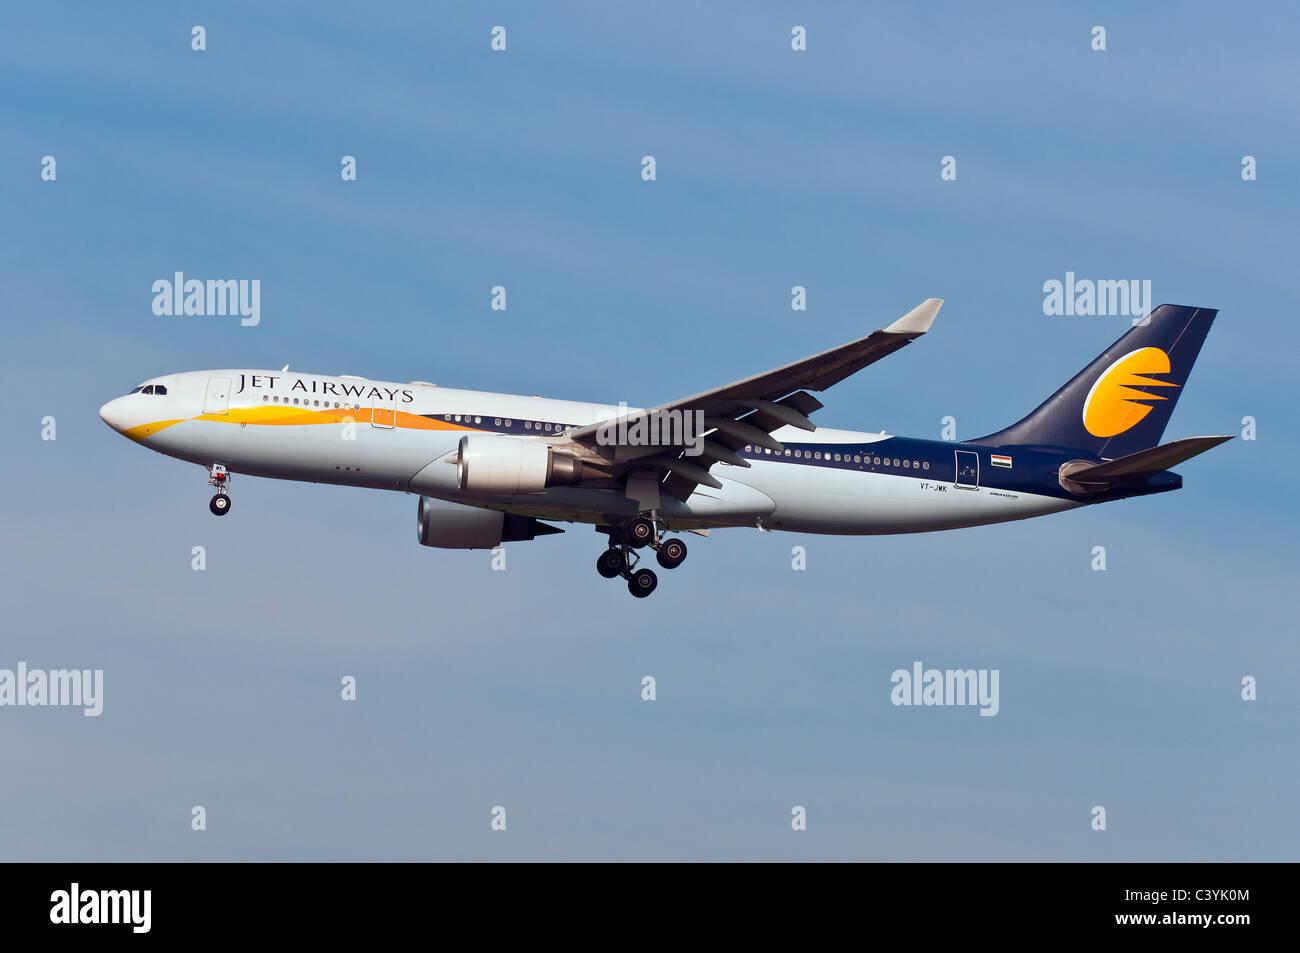 Indian carrier Jet Airways' Airbus 330 landing at Milan Malpensa airport, Italy - Stock Image